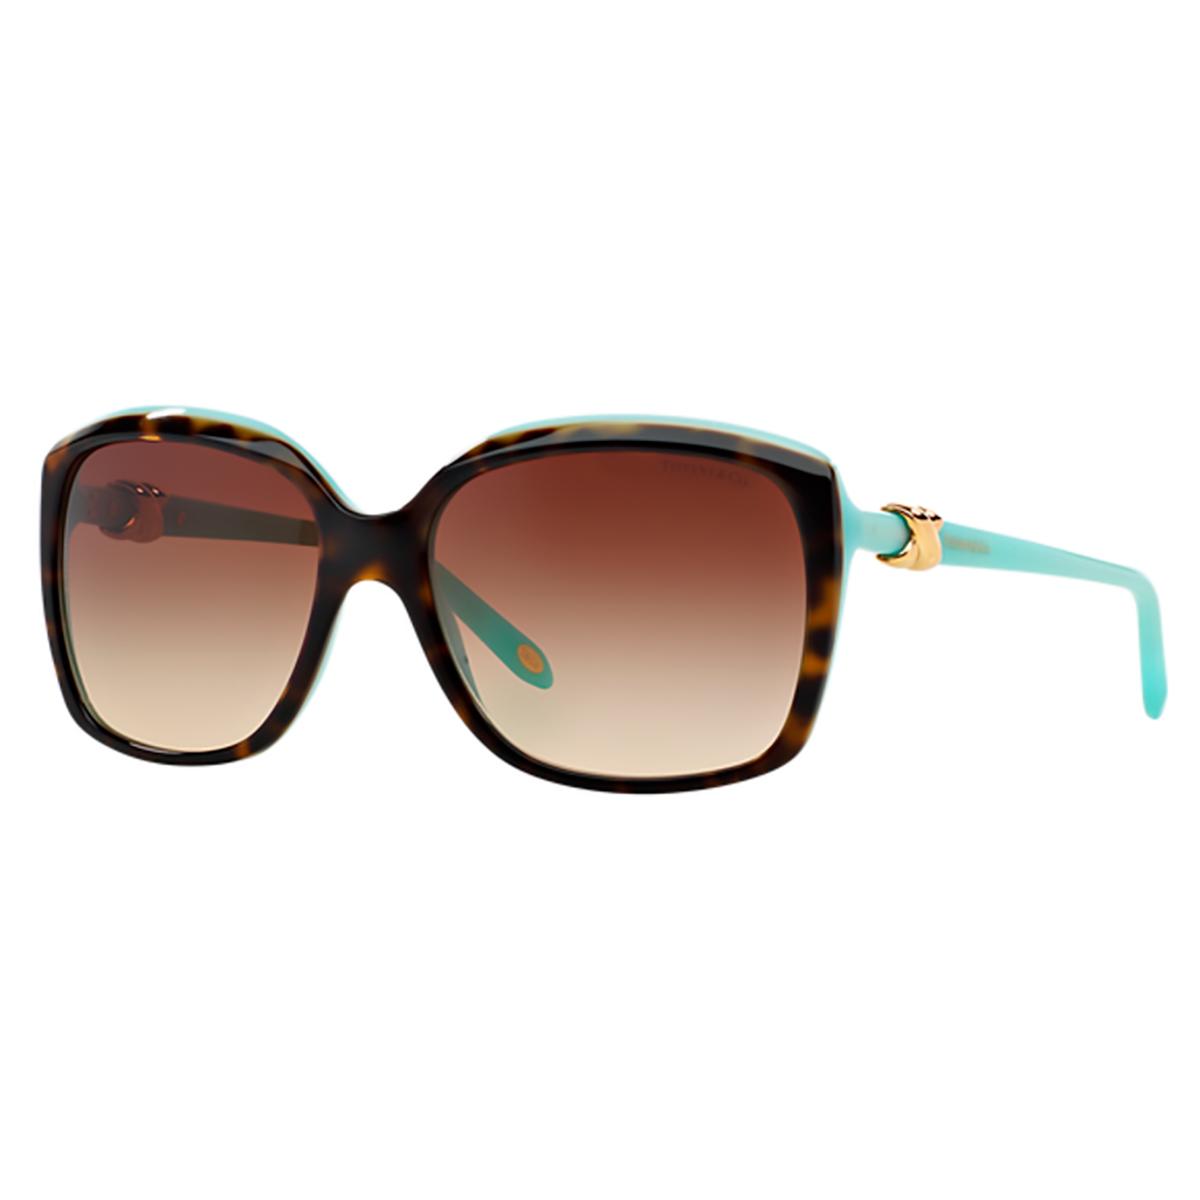 81c3429f2402a Compre Óculos de Sol Tiffany   Co. em 10X